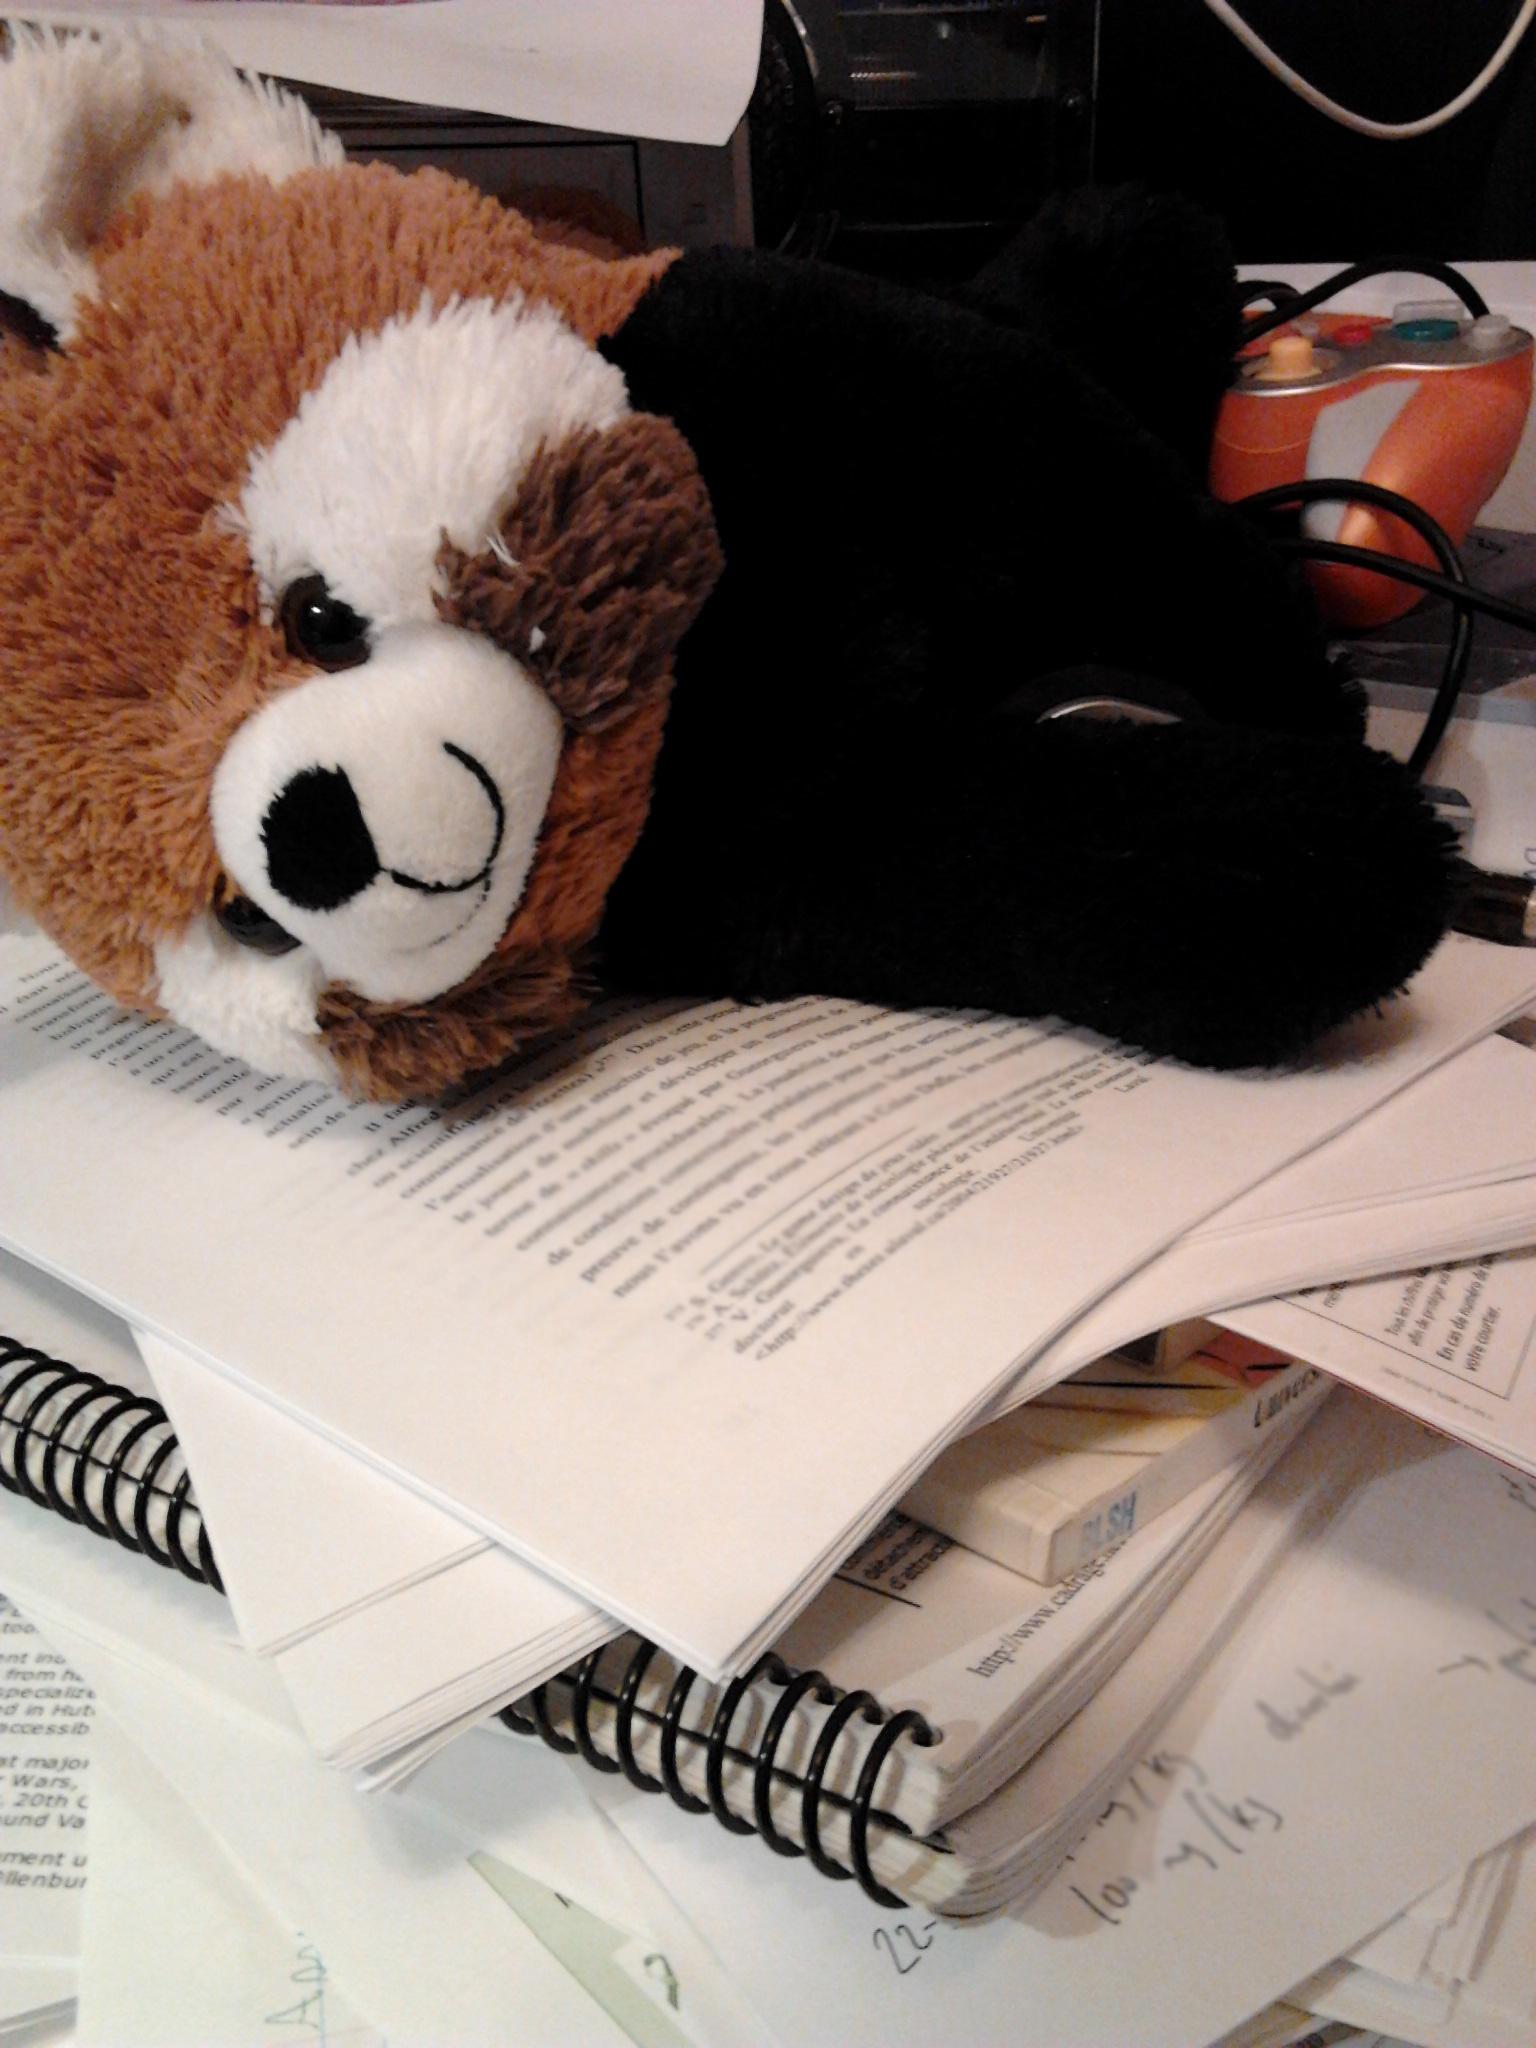 Le panda roux de Laurent acheté au Zoo de Granby à sa fête, endormi sur une pile de textes photocopiés près d'une GameCube.